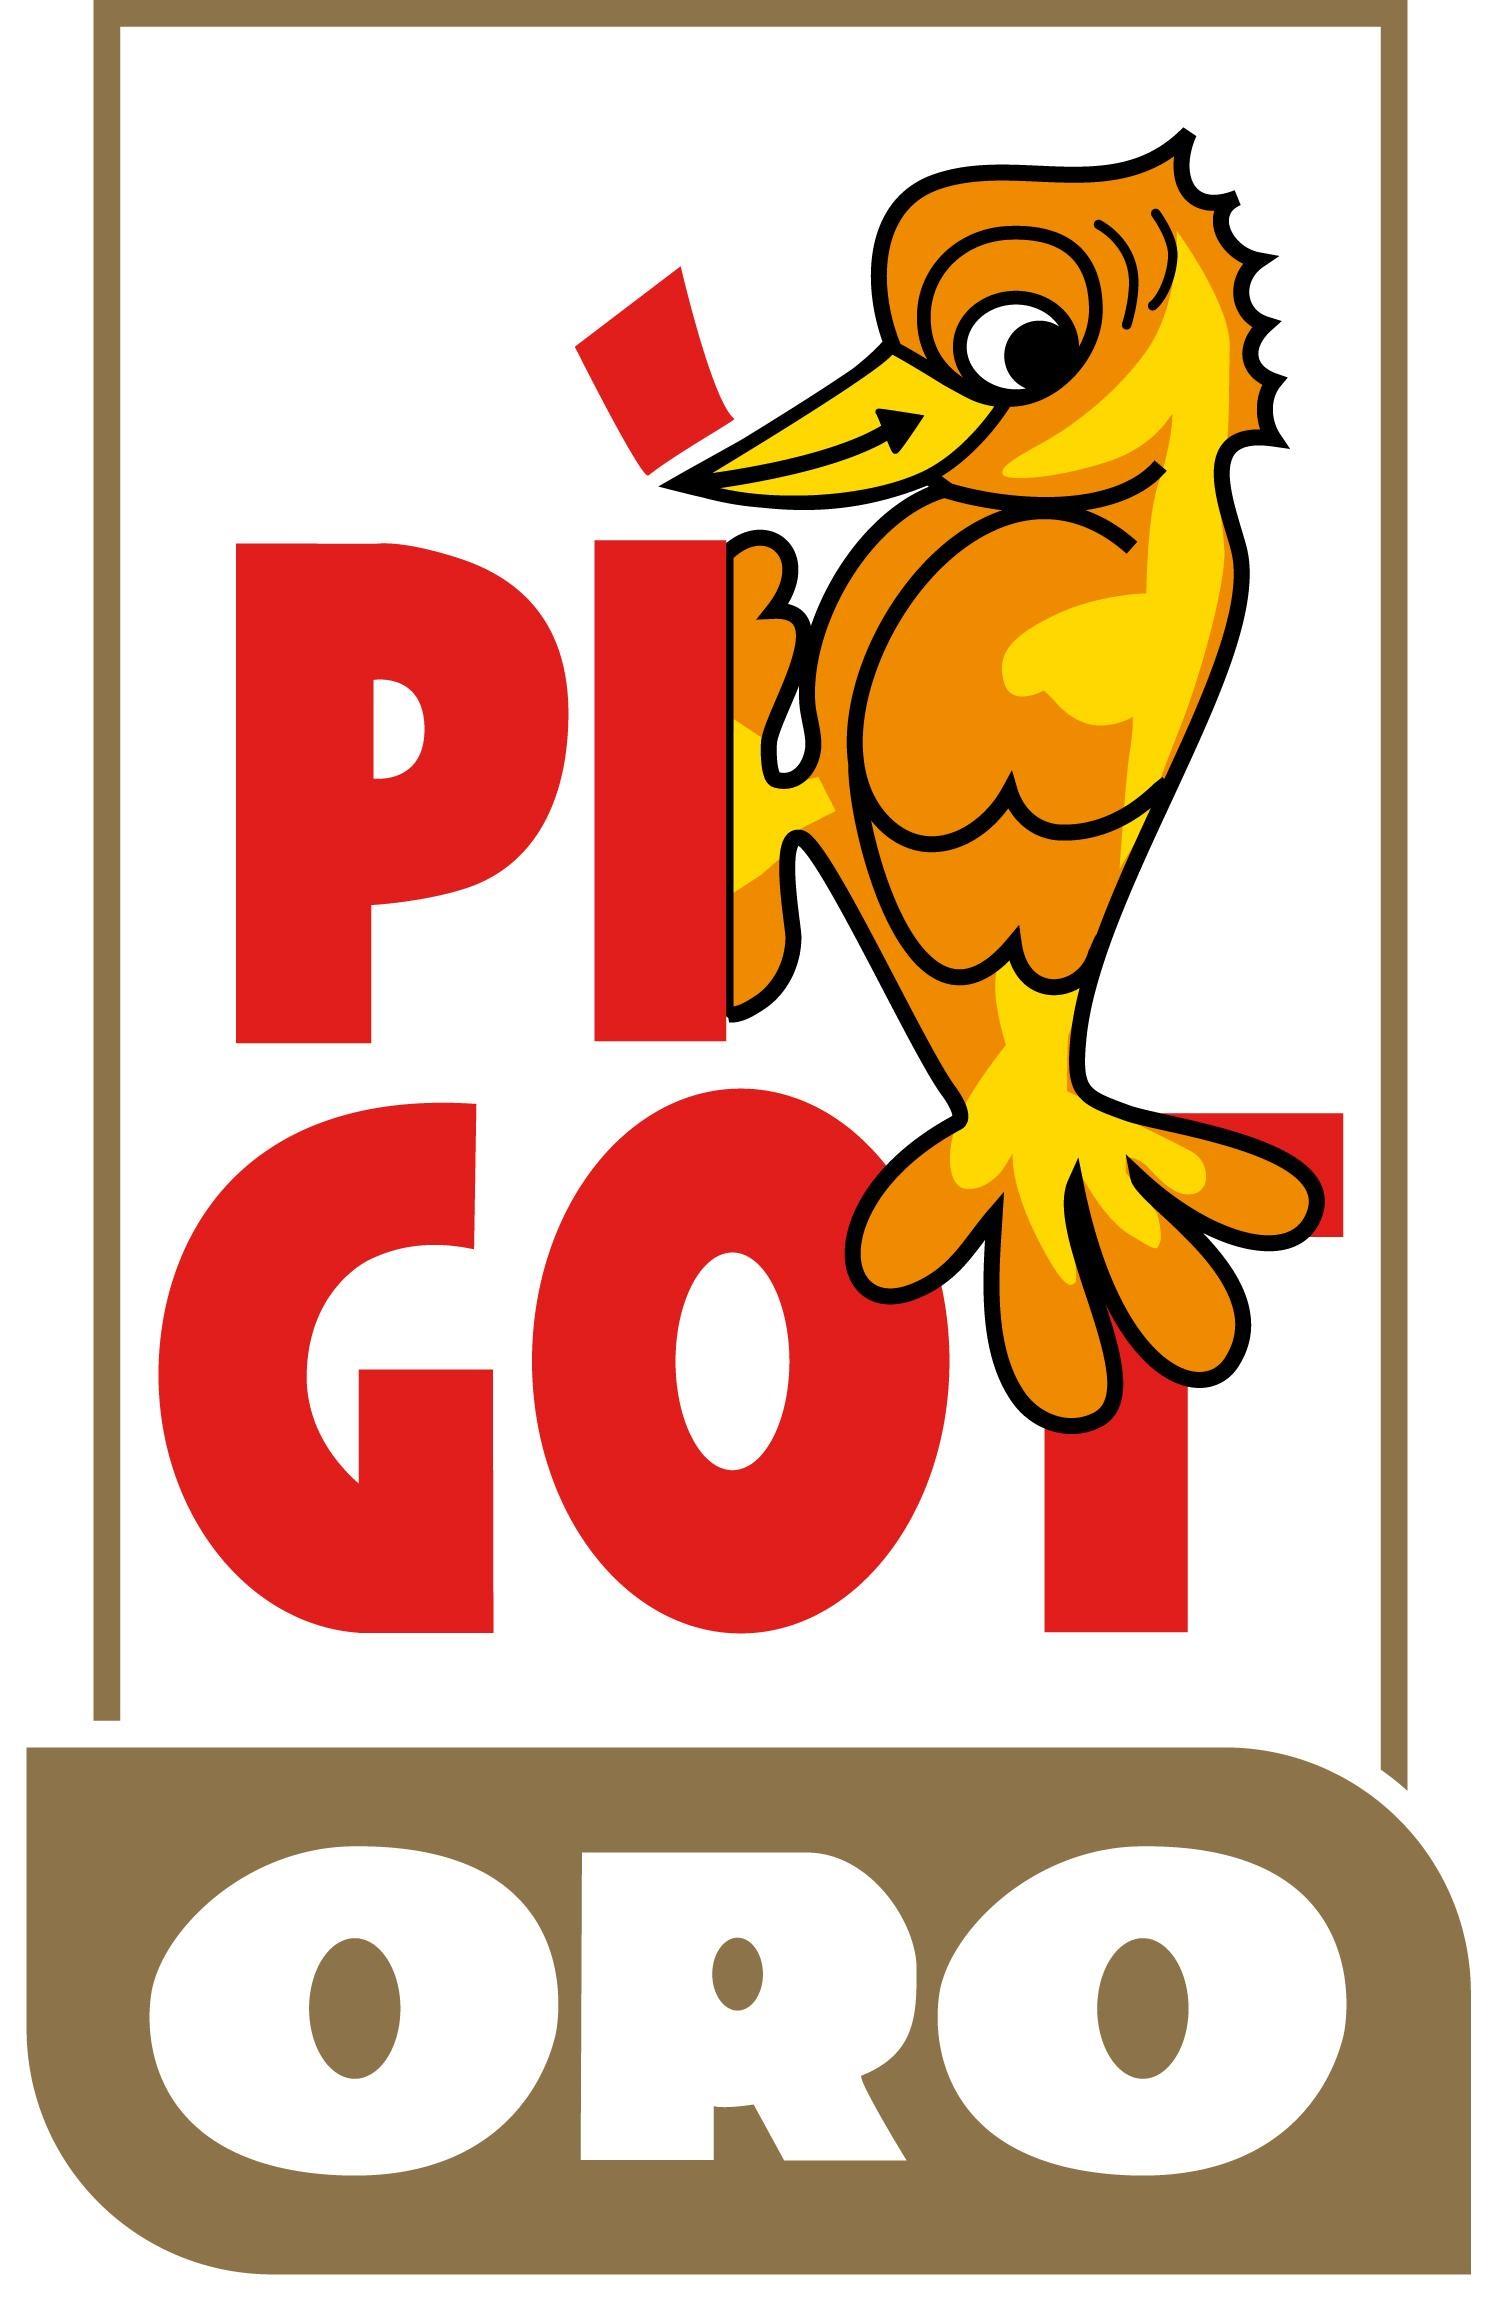 LOGO 02 PIGOT D' OR JPG